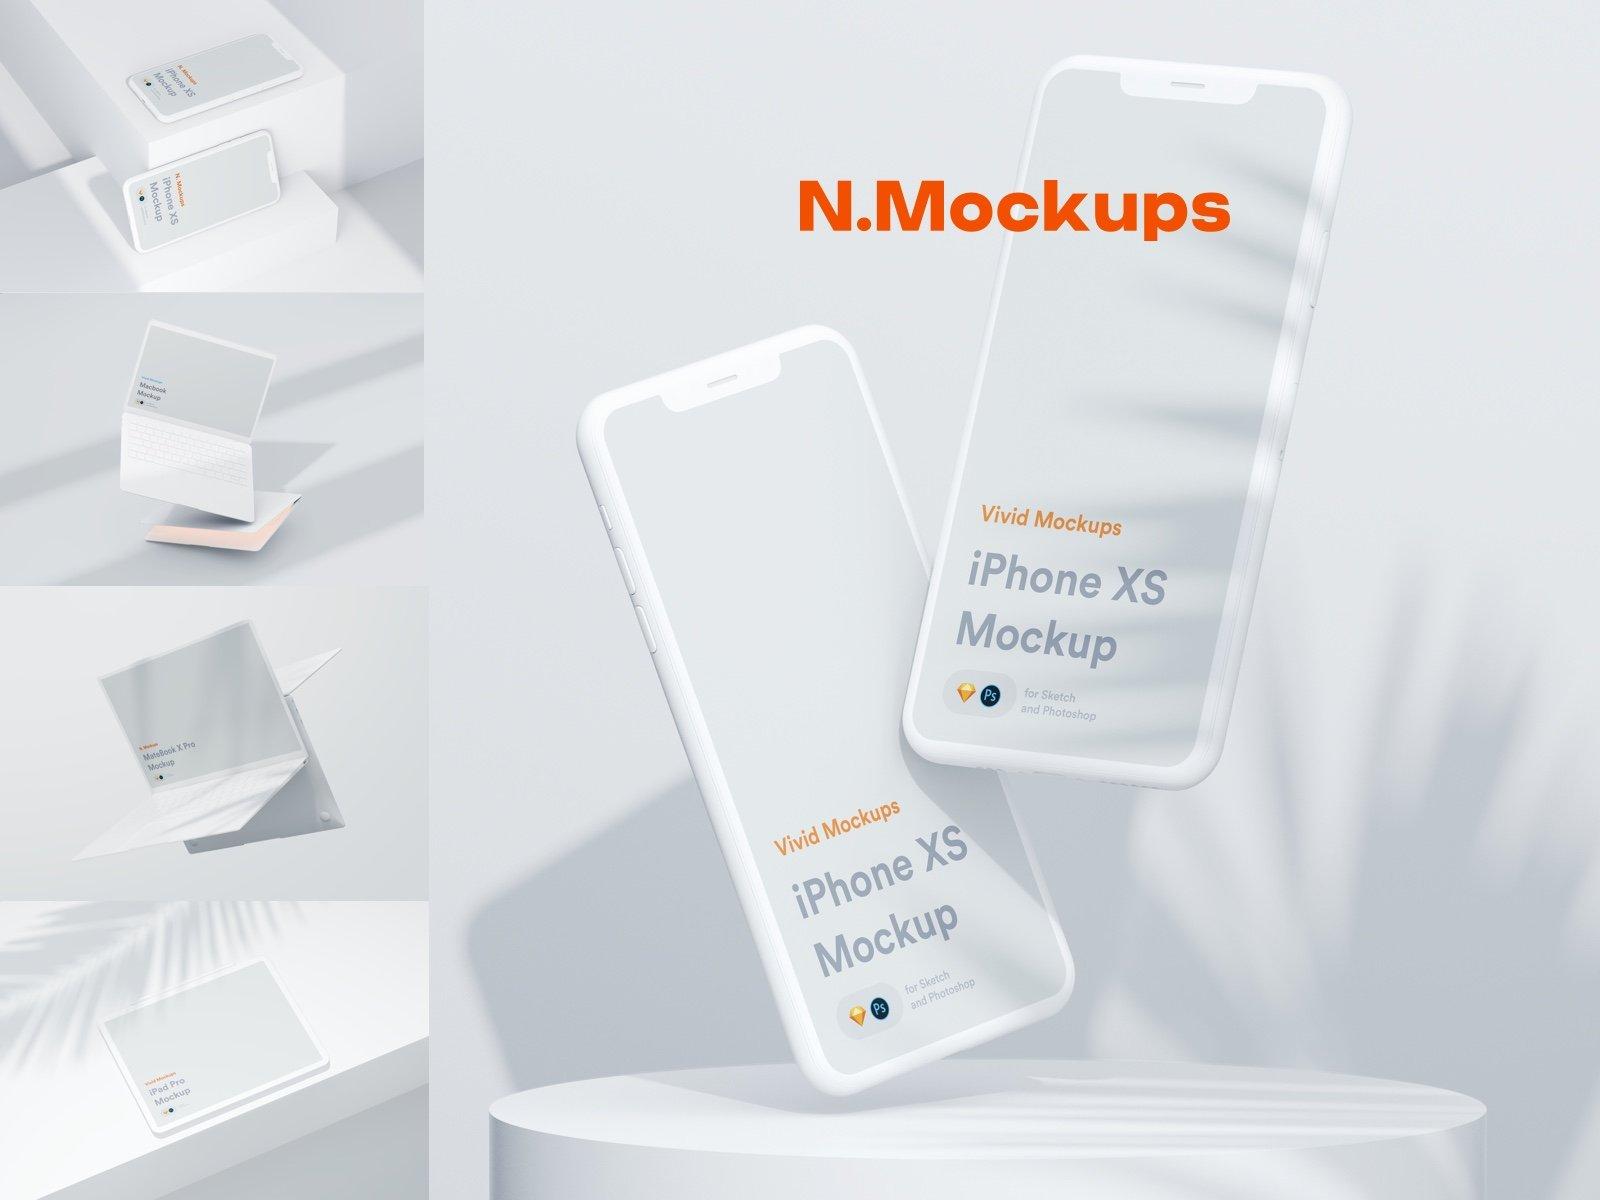 [单独购买] 超大网站APP设计陶瓷苹果设备屏幕演示样机模板素材套装 N.Mockups插图